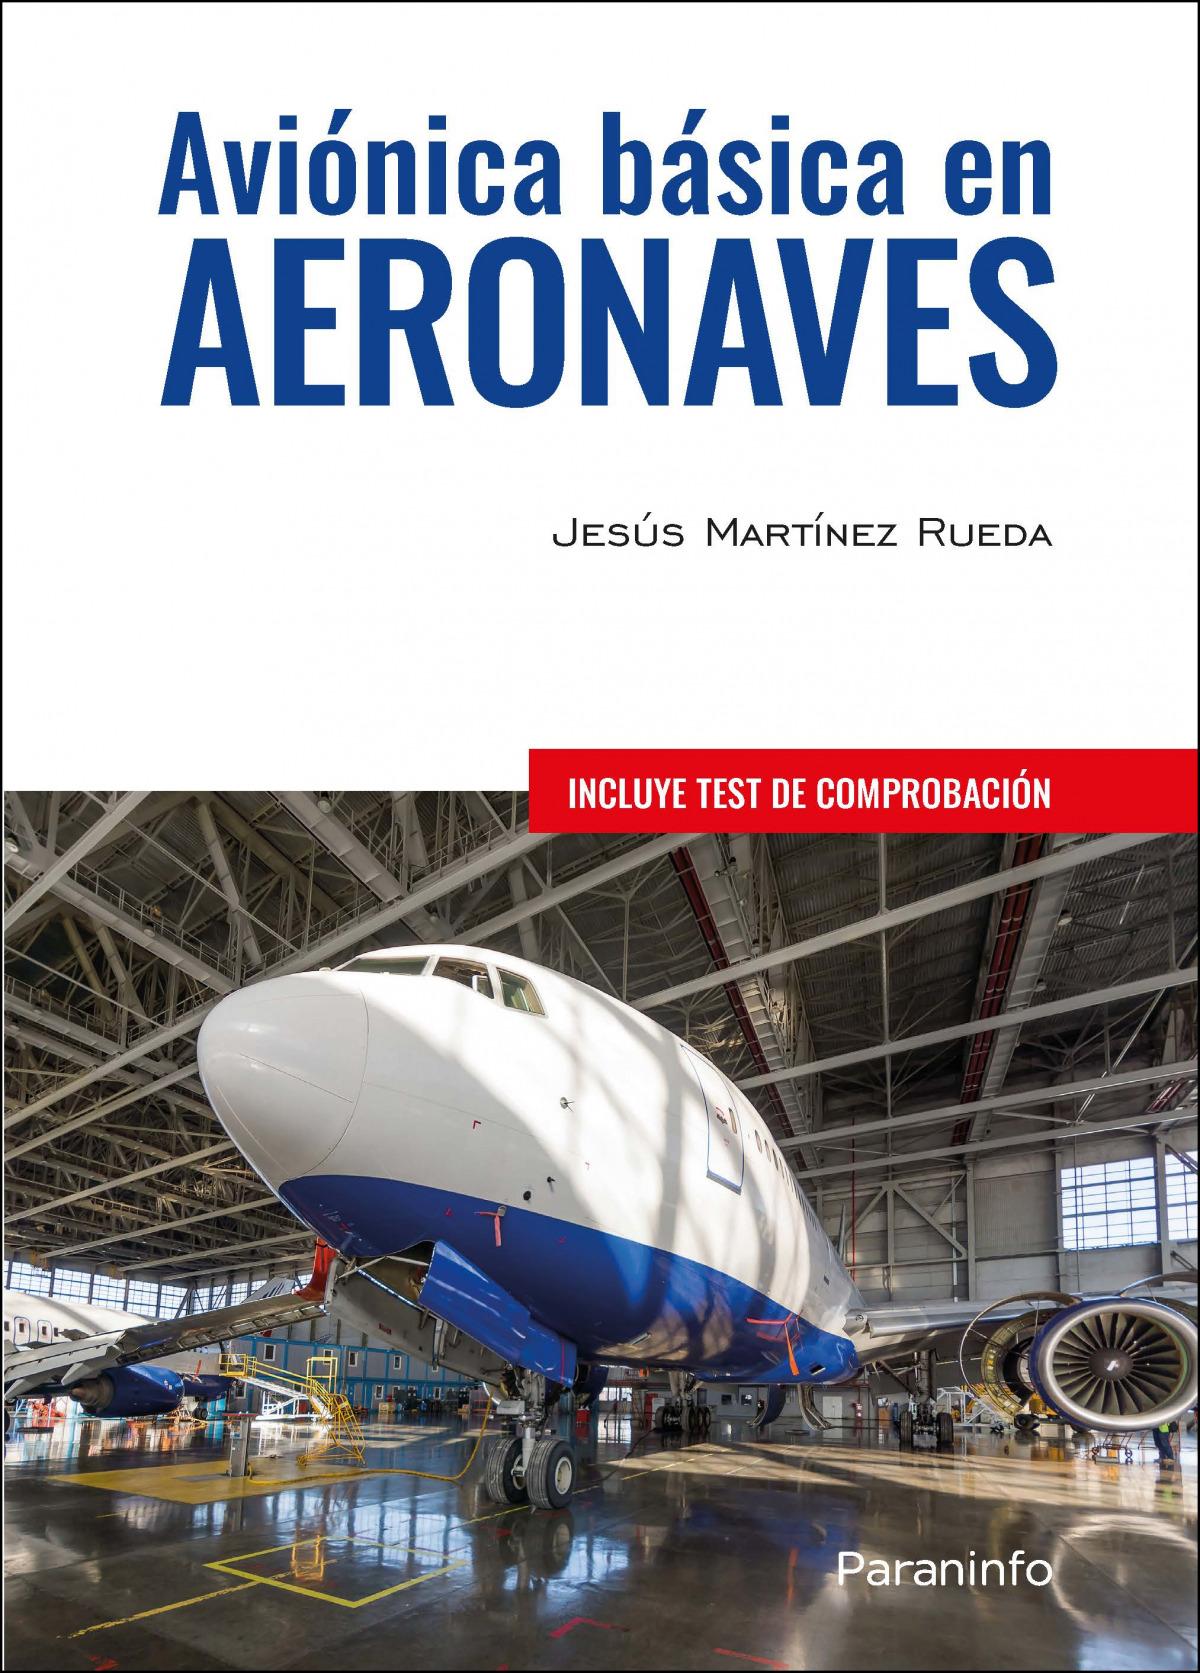 Aviónica básica en aeronaves